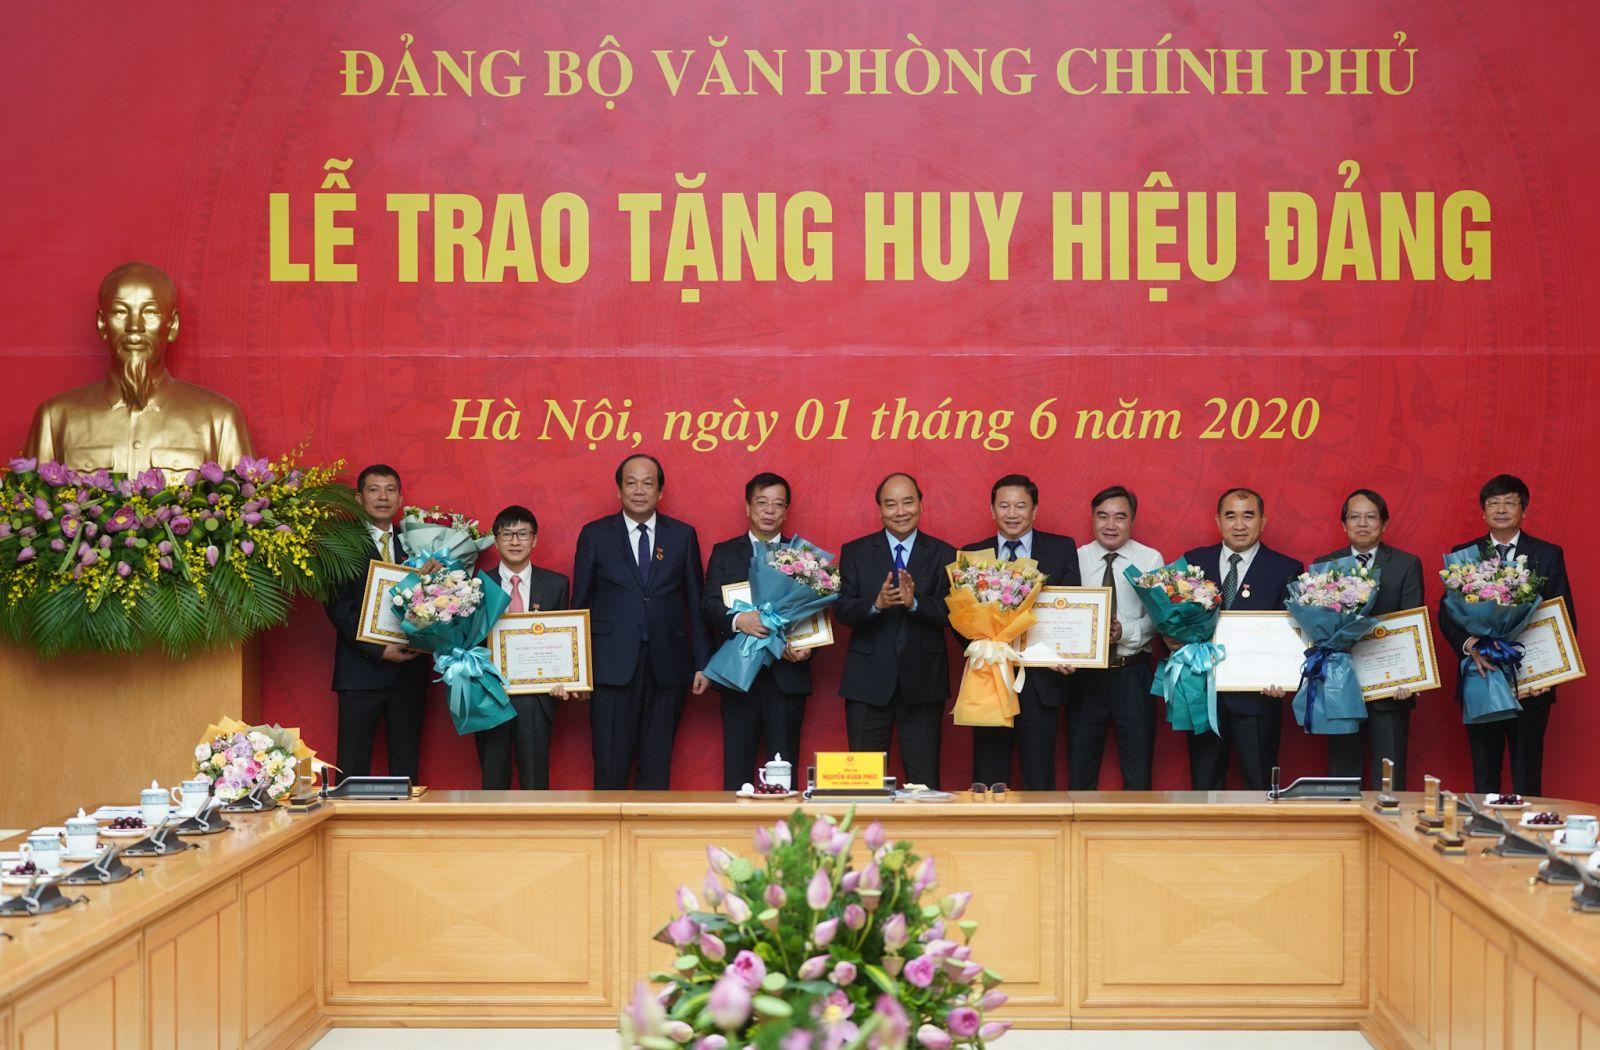 Bảy đồng chí thuộc các Vụ, Cục của VPCP được trao tặng Huy hiệu 30 năm tuổi Đảng - Ảnh: VGP/Quang Hiếu